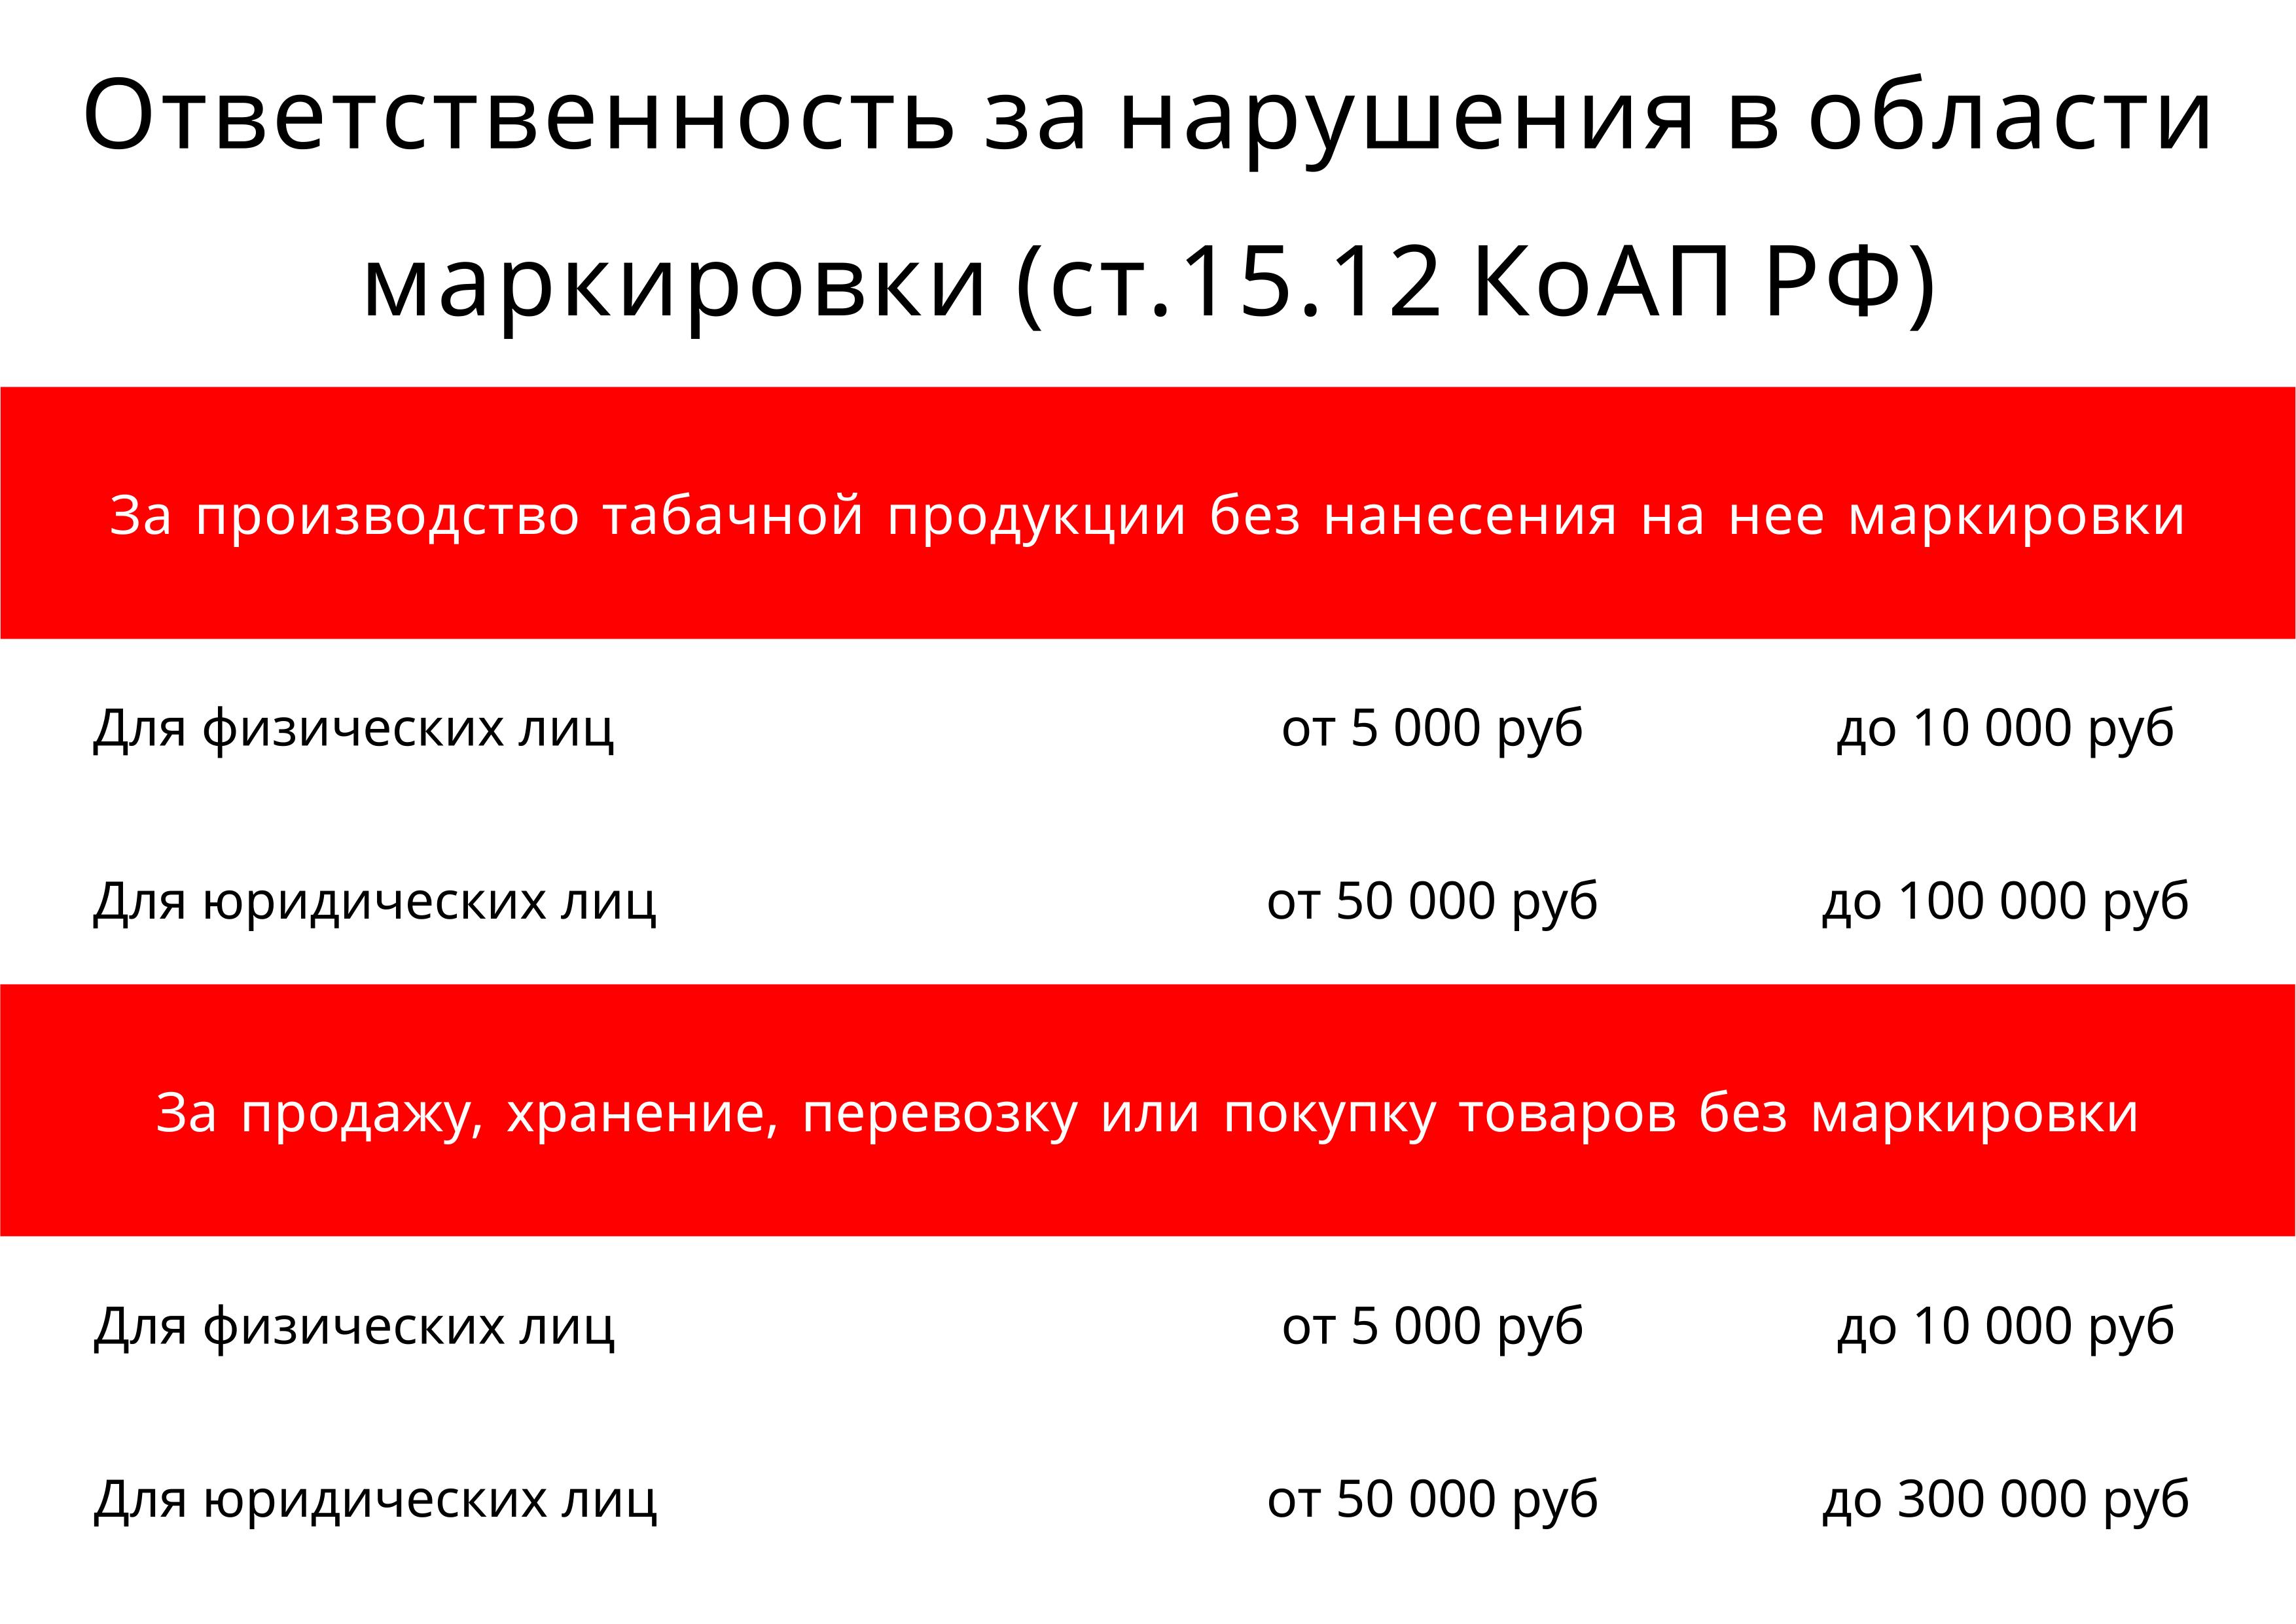 Штрафы за нарушения при торговле маркированным товаром